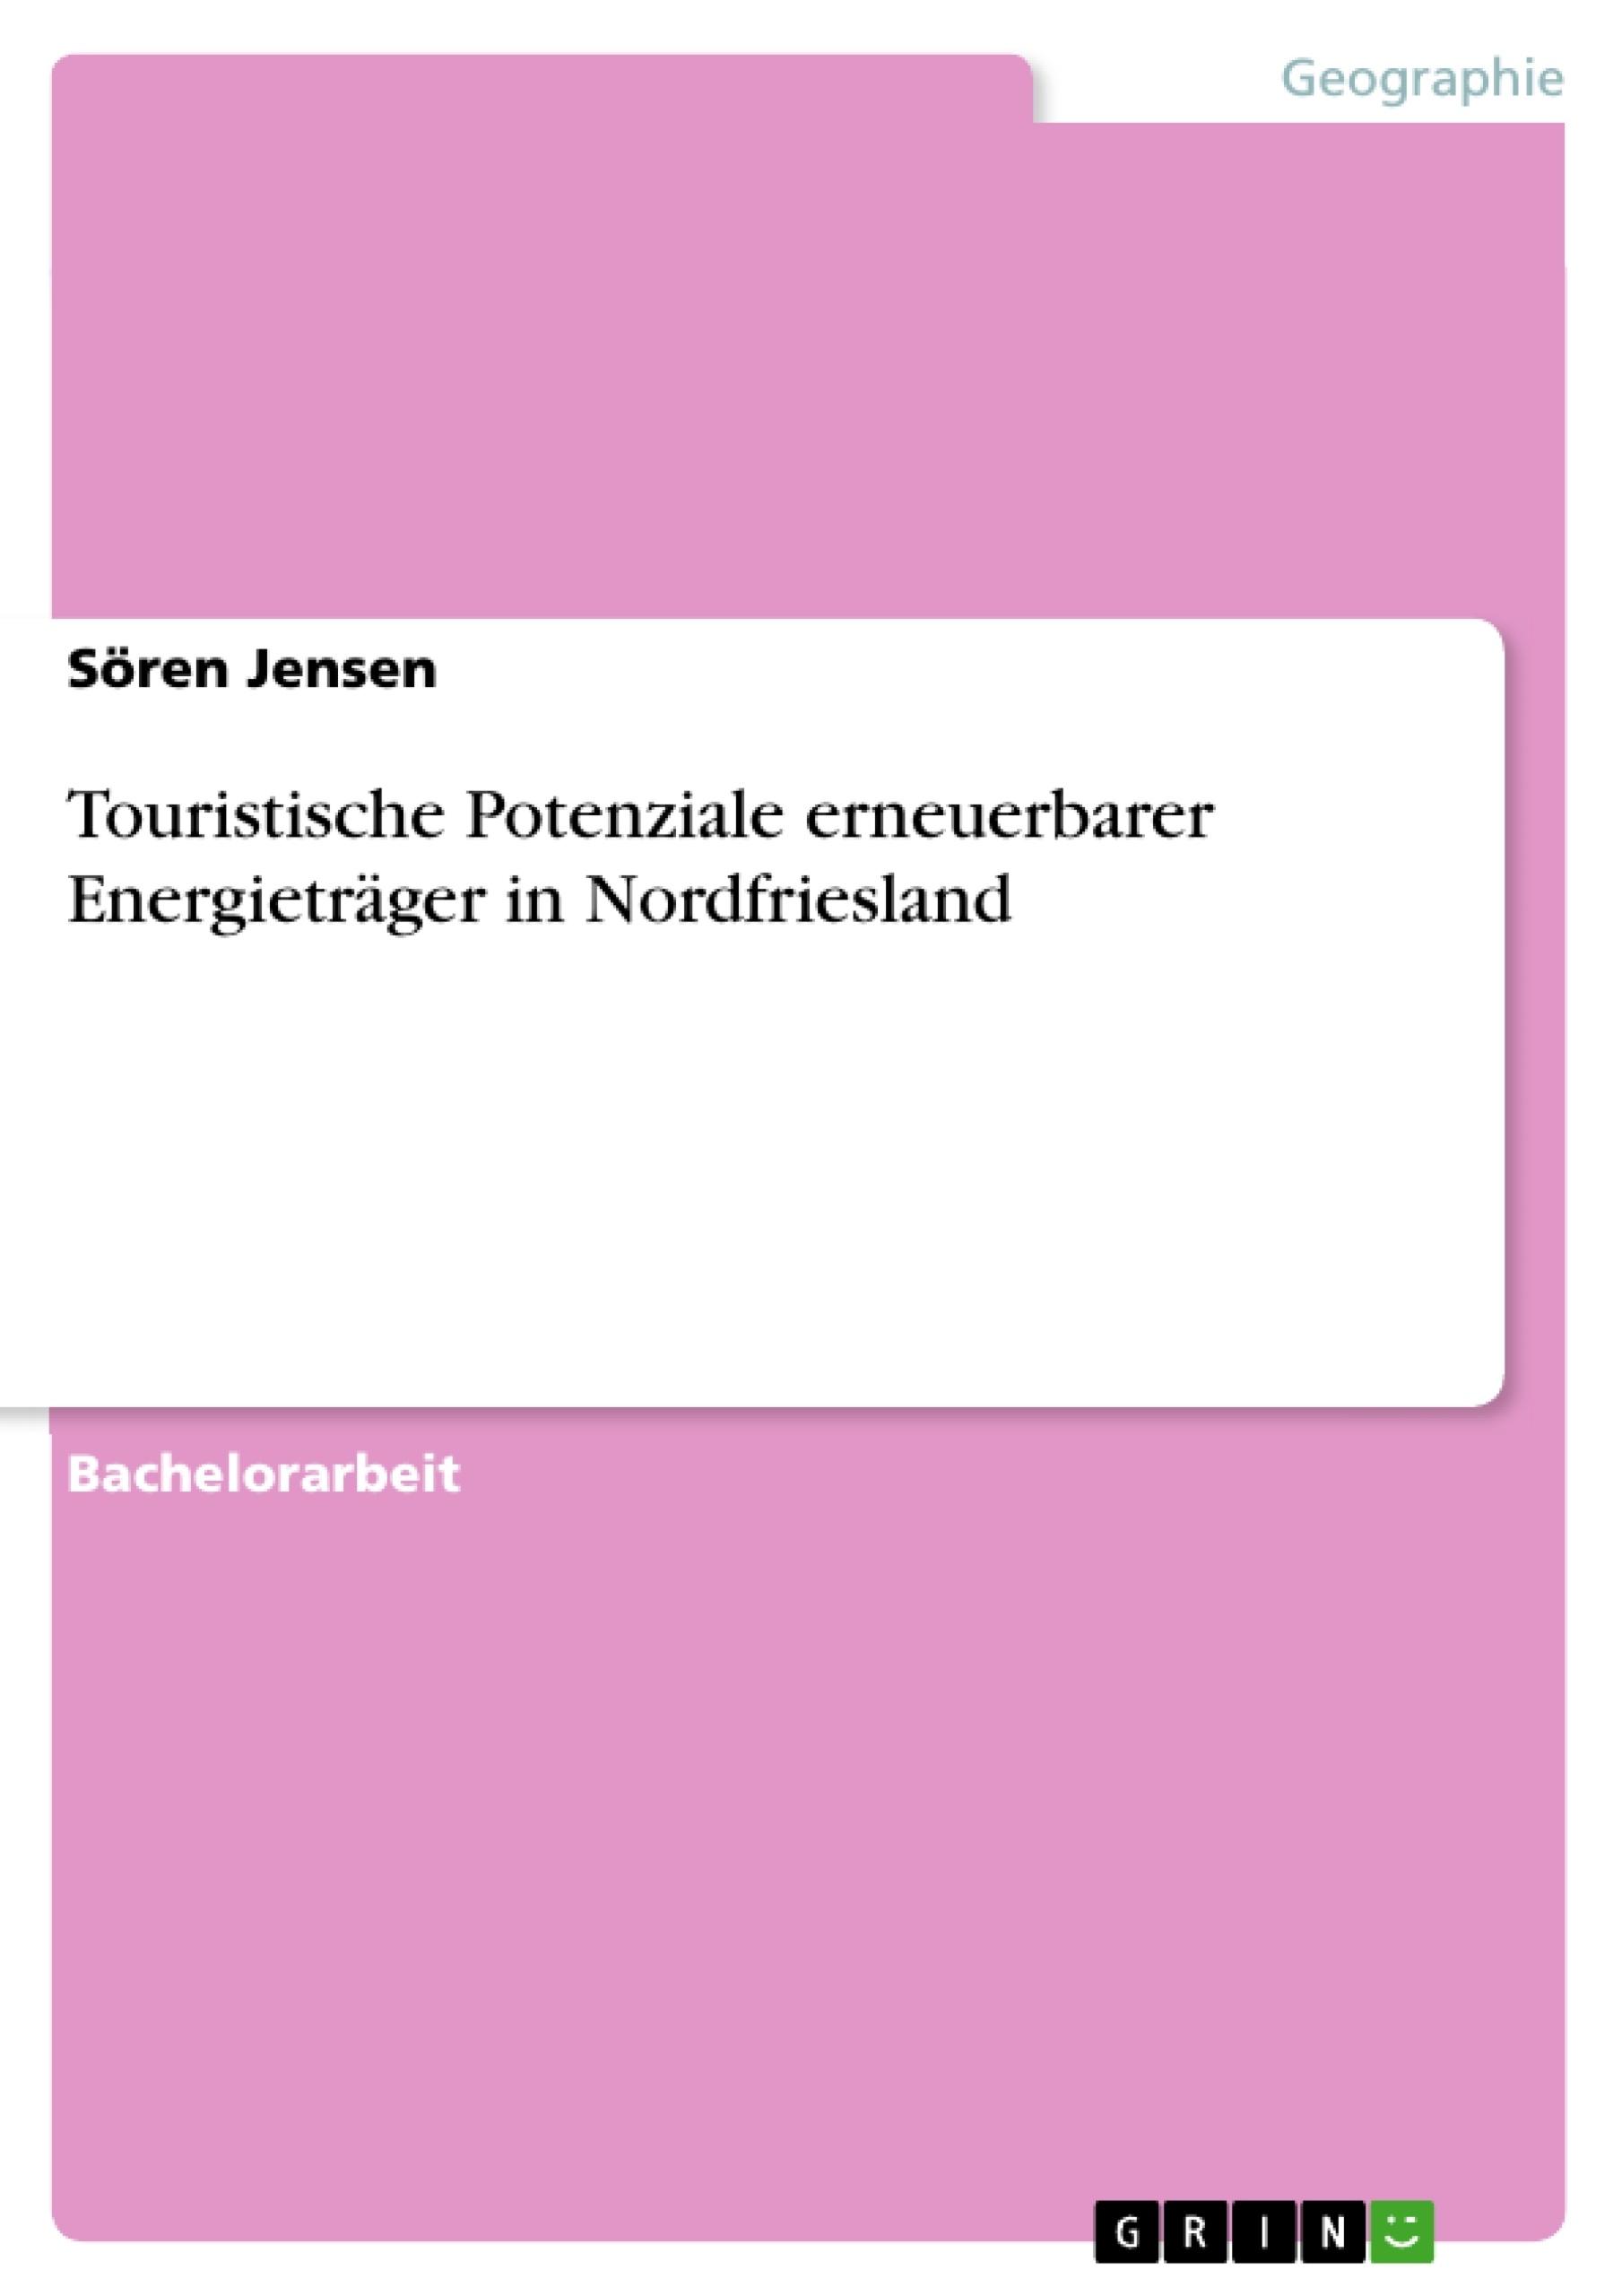 Titel: Touristische Potenziale erneuerbarer Energieträger in Nordfriesland